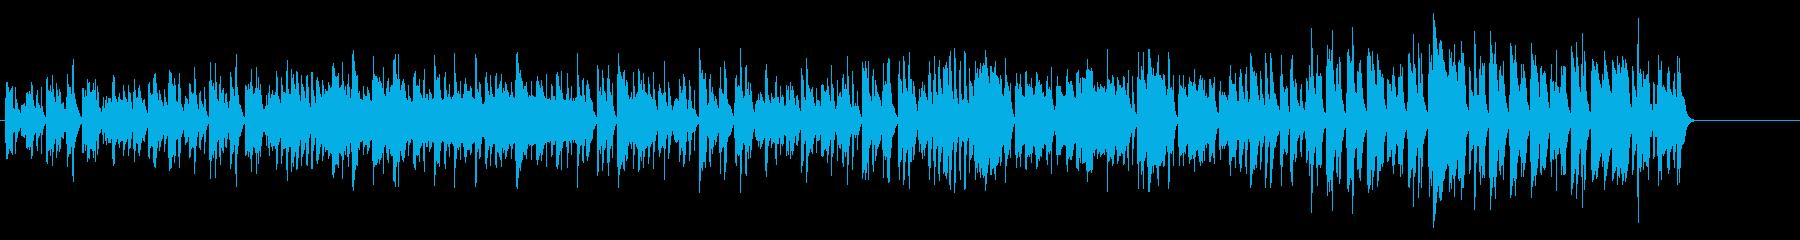 ほのぼのとあたたかい、和やかな日常02の再生済みの波形